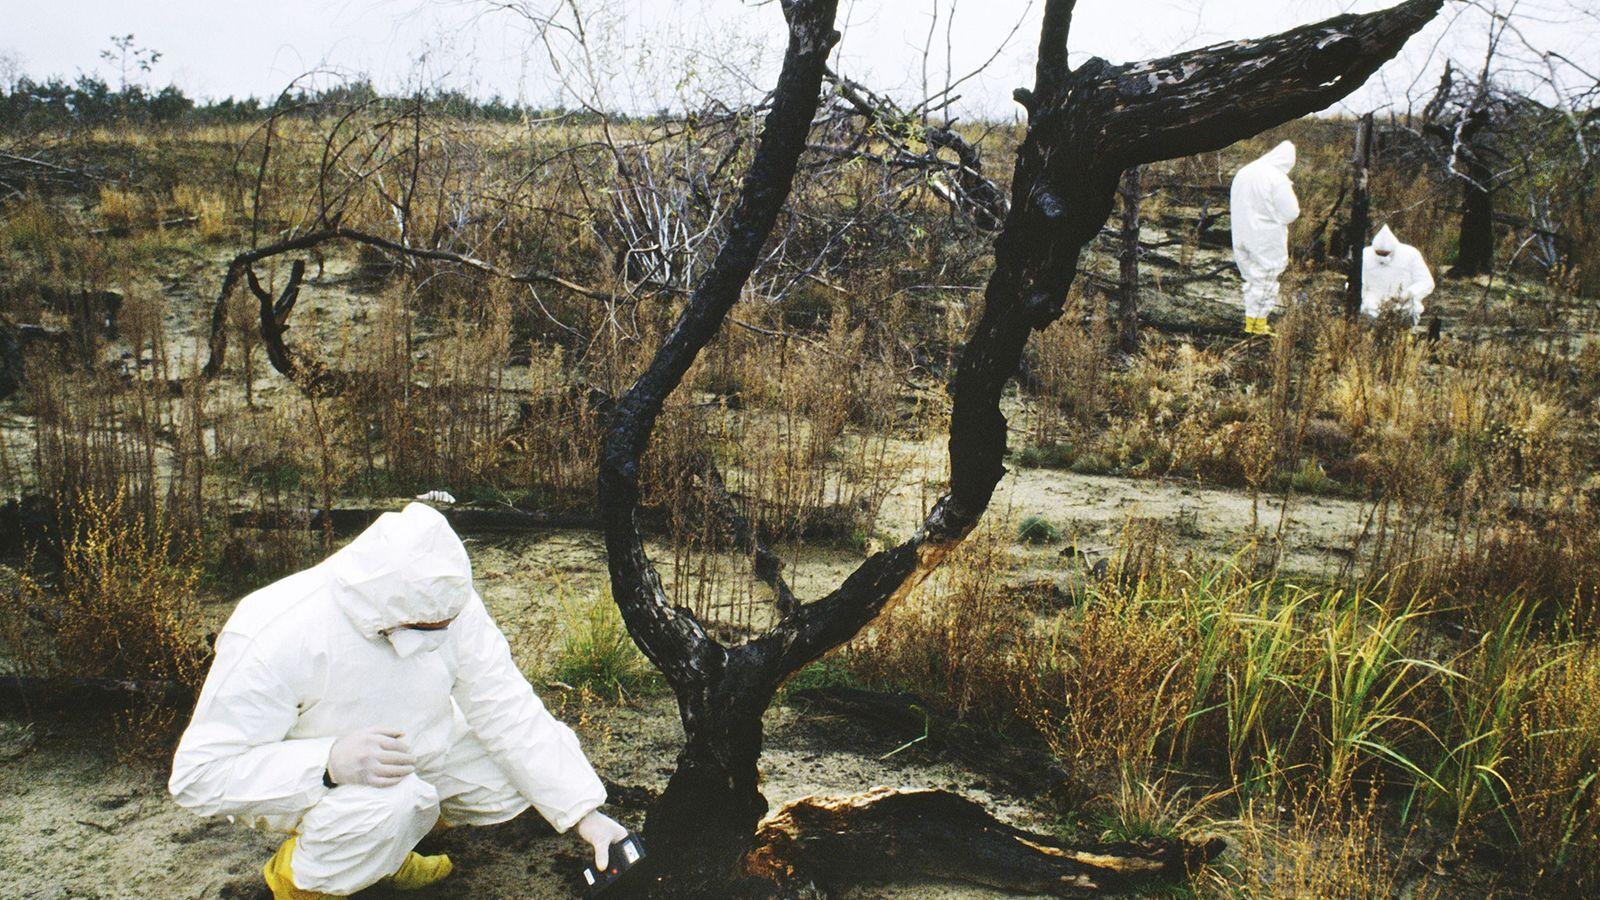 El desastre de Chernóbil: qué ocurrió y cuáles son sus efectos a largo plazo